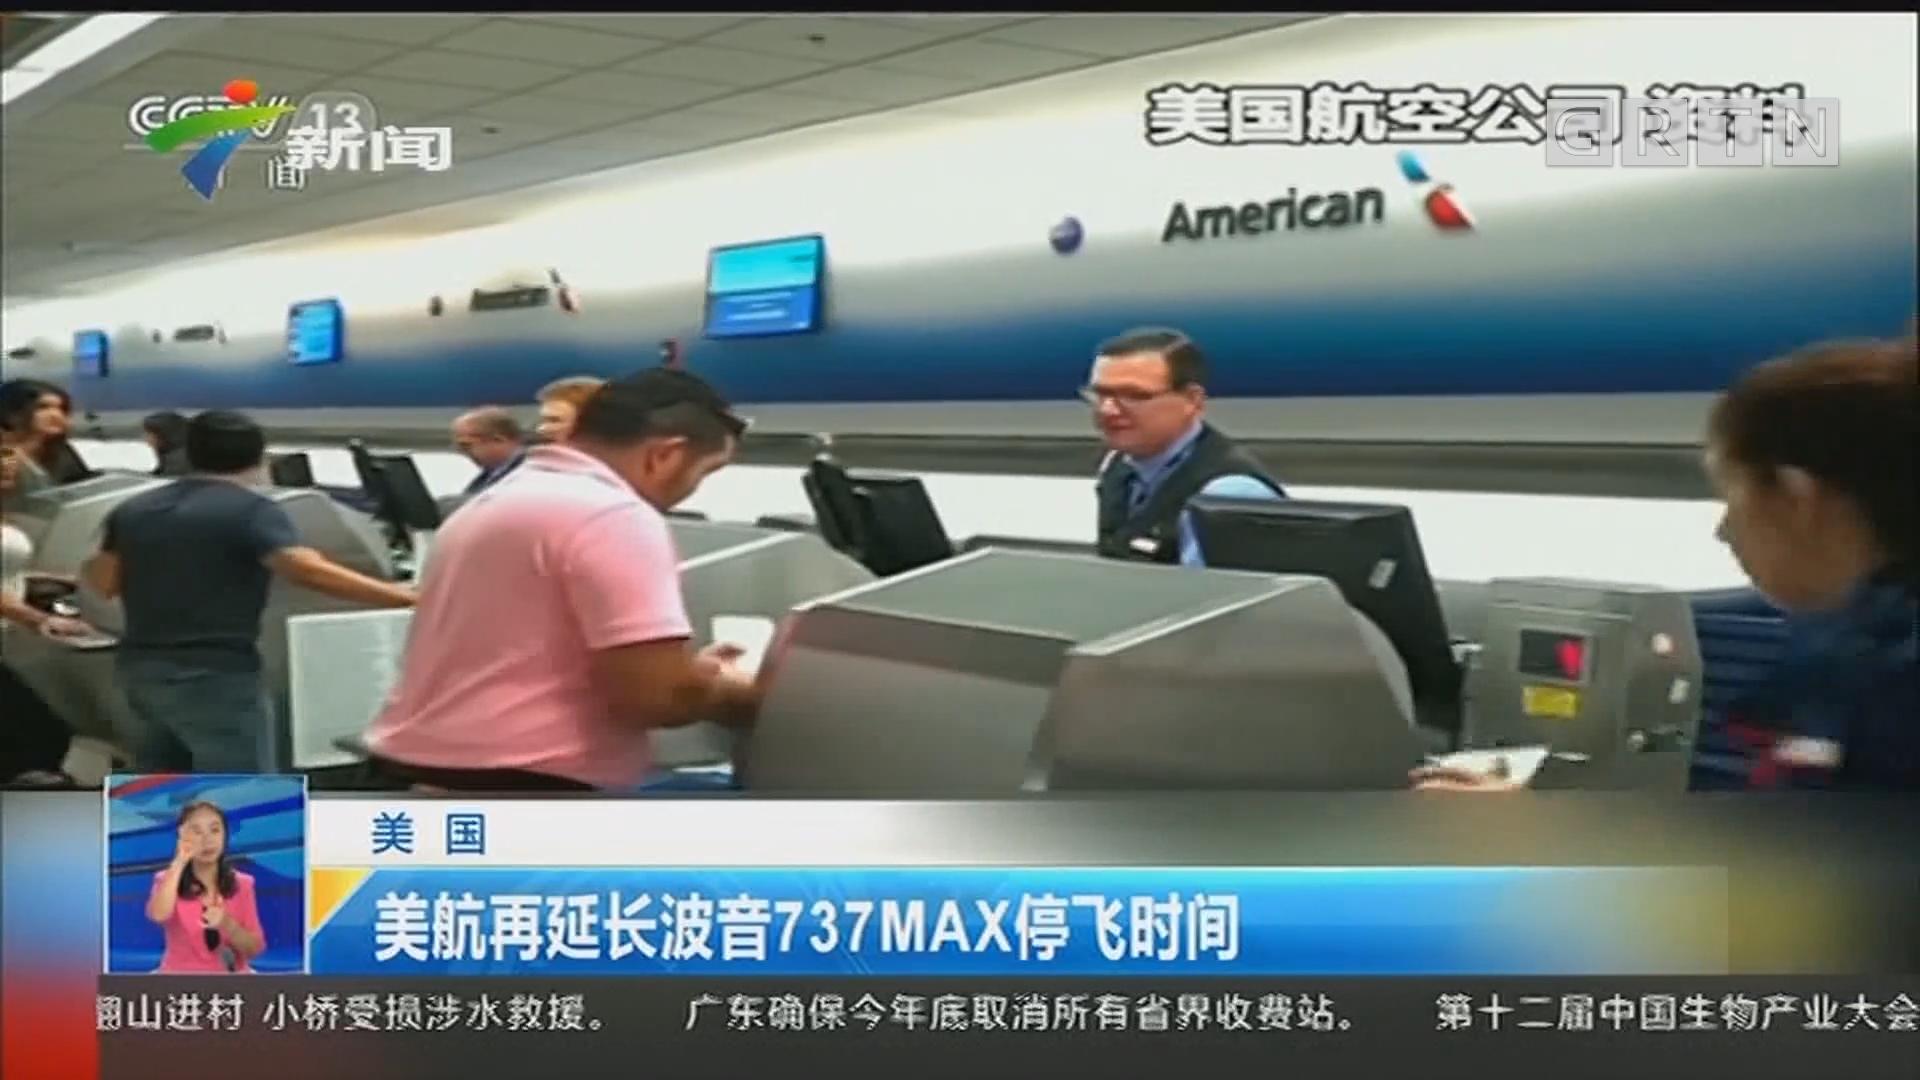 美国:美航再延长波音737MAX停飞时间